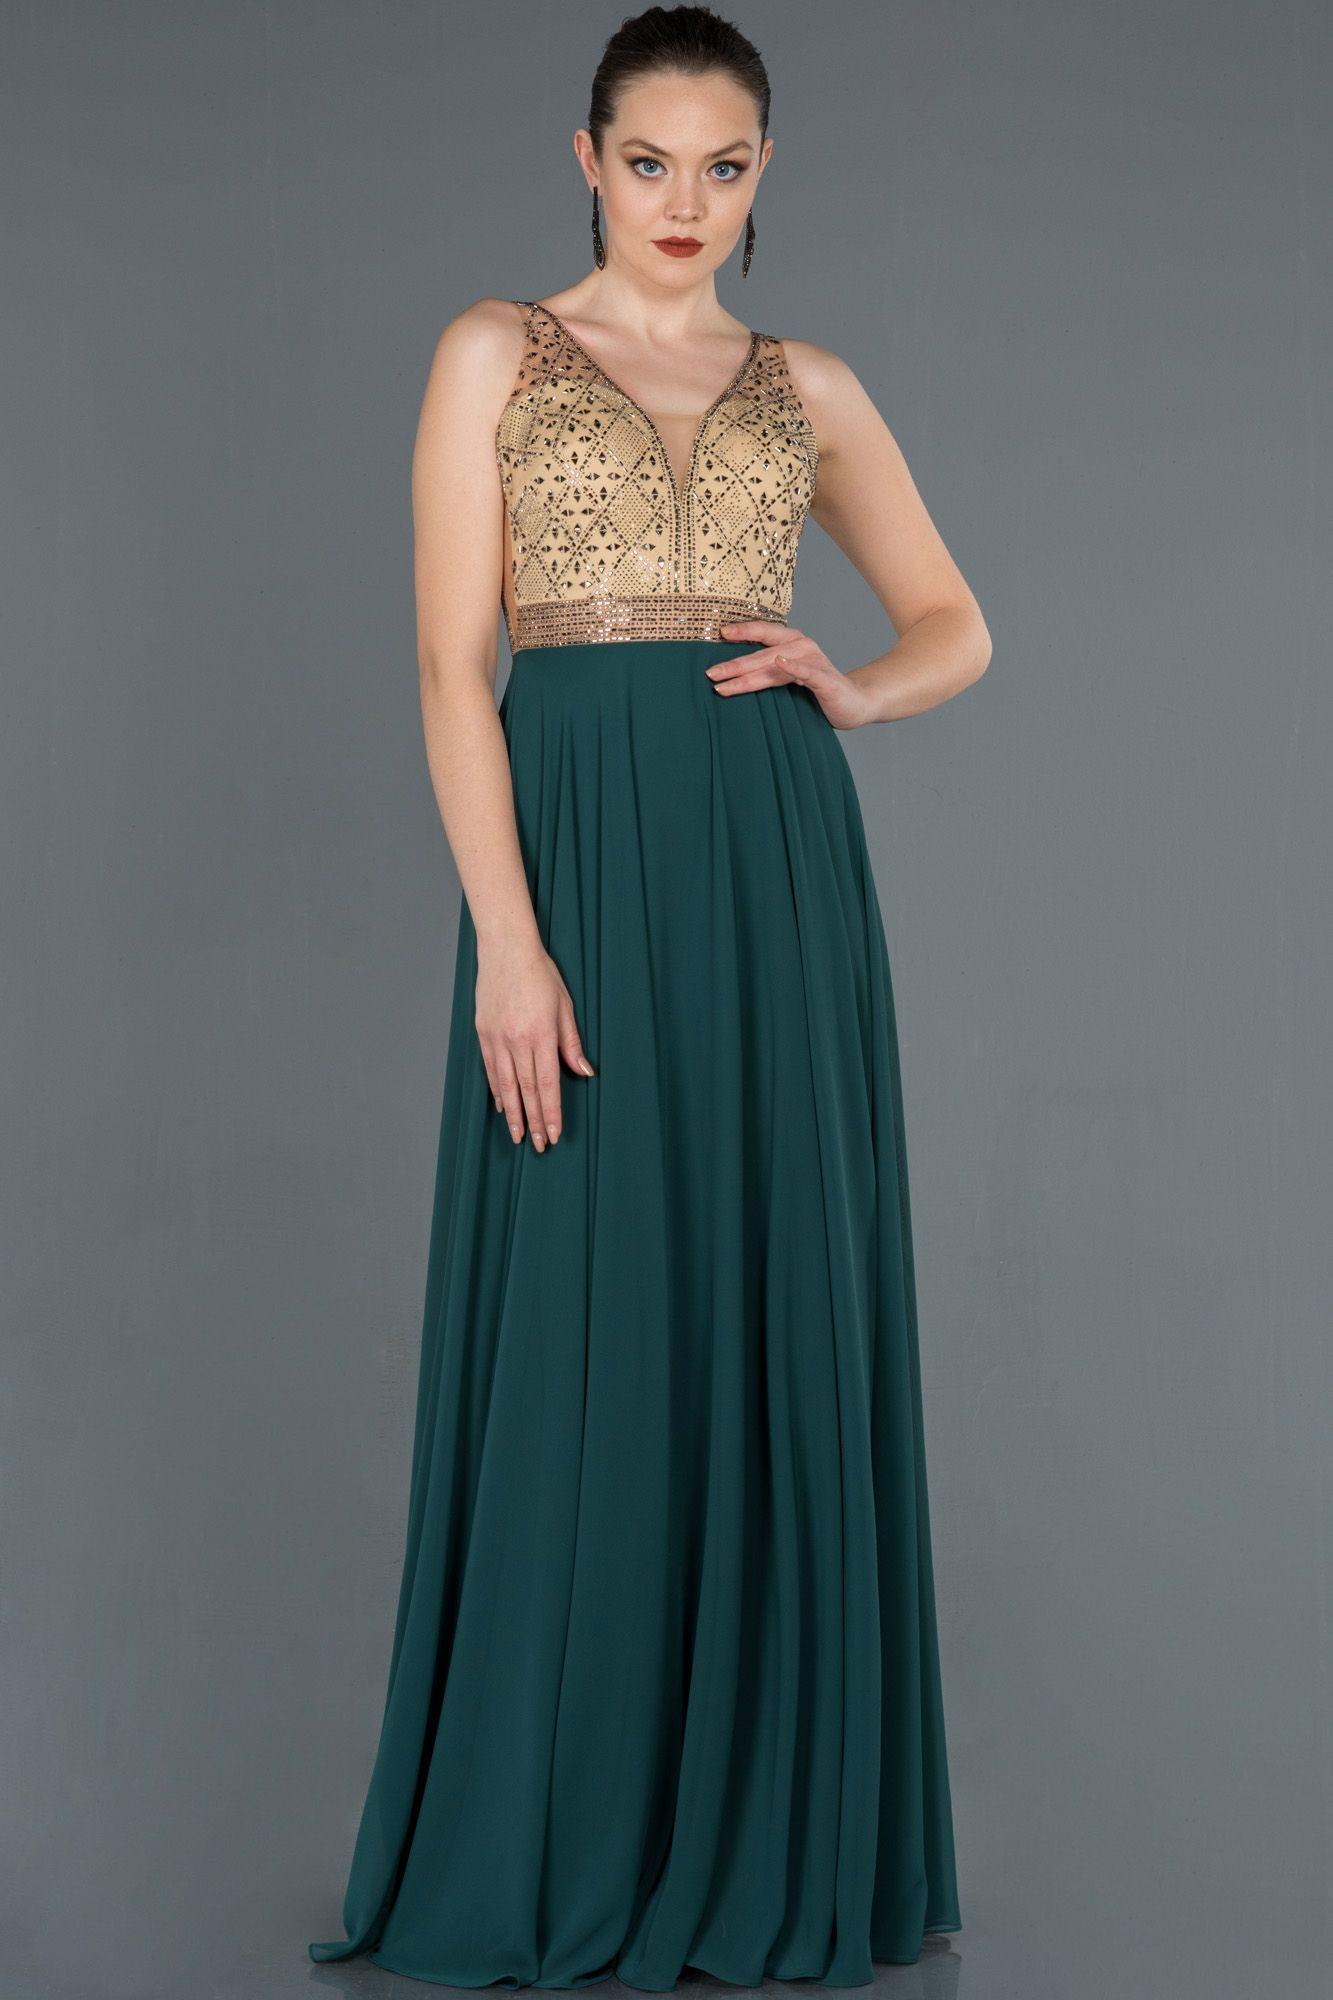 En Guzel Dugun Elbise Modelleri Tasarimlari Ve Fiyatlari Elbise Modelleri Elbise Resmi Elbise